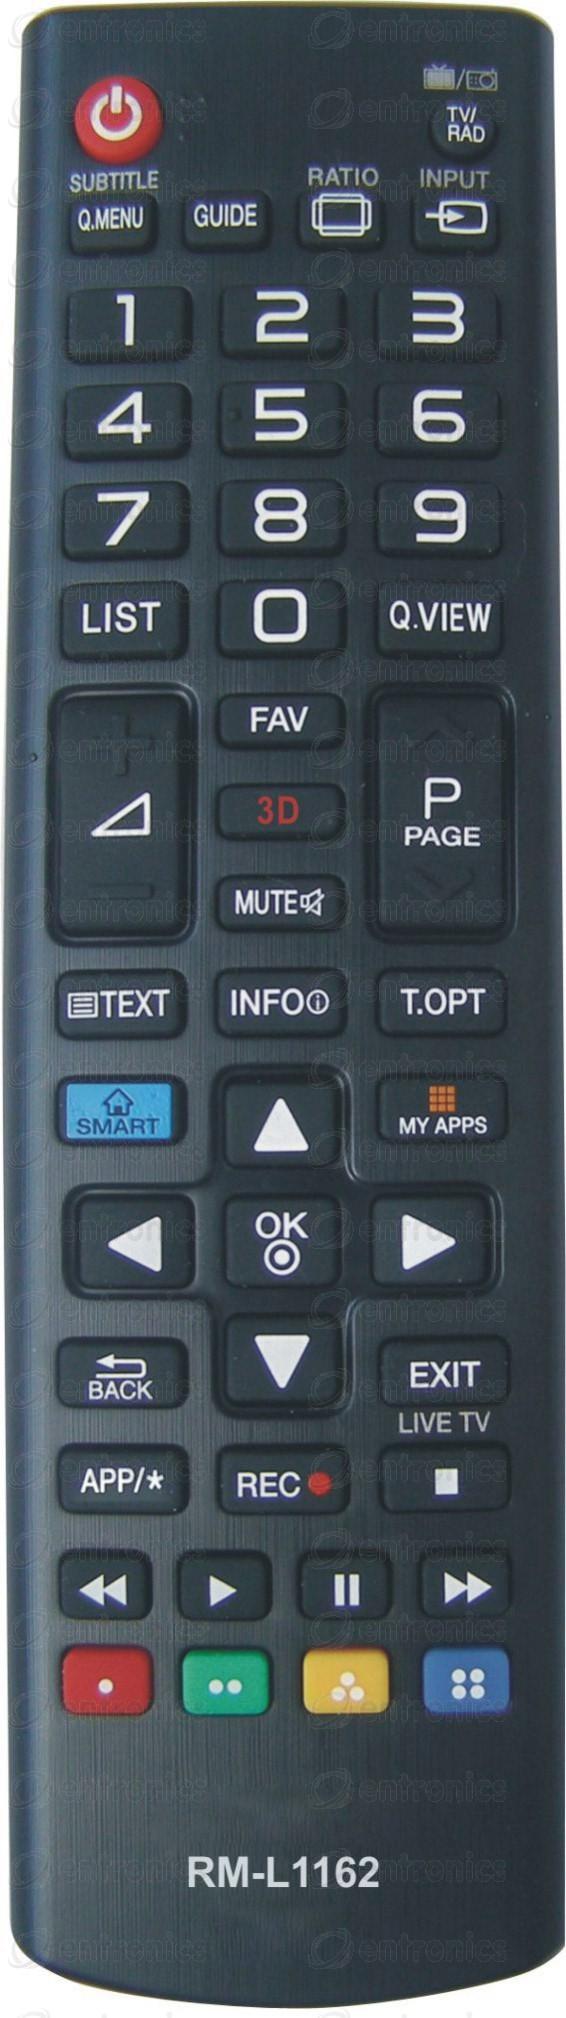 Дистанционно управление LG RM-L1162 3D SMART